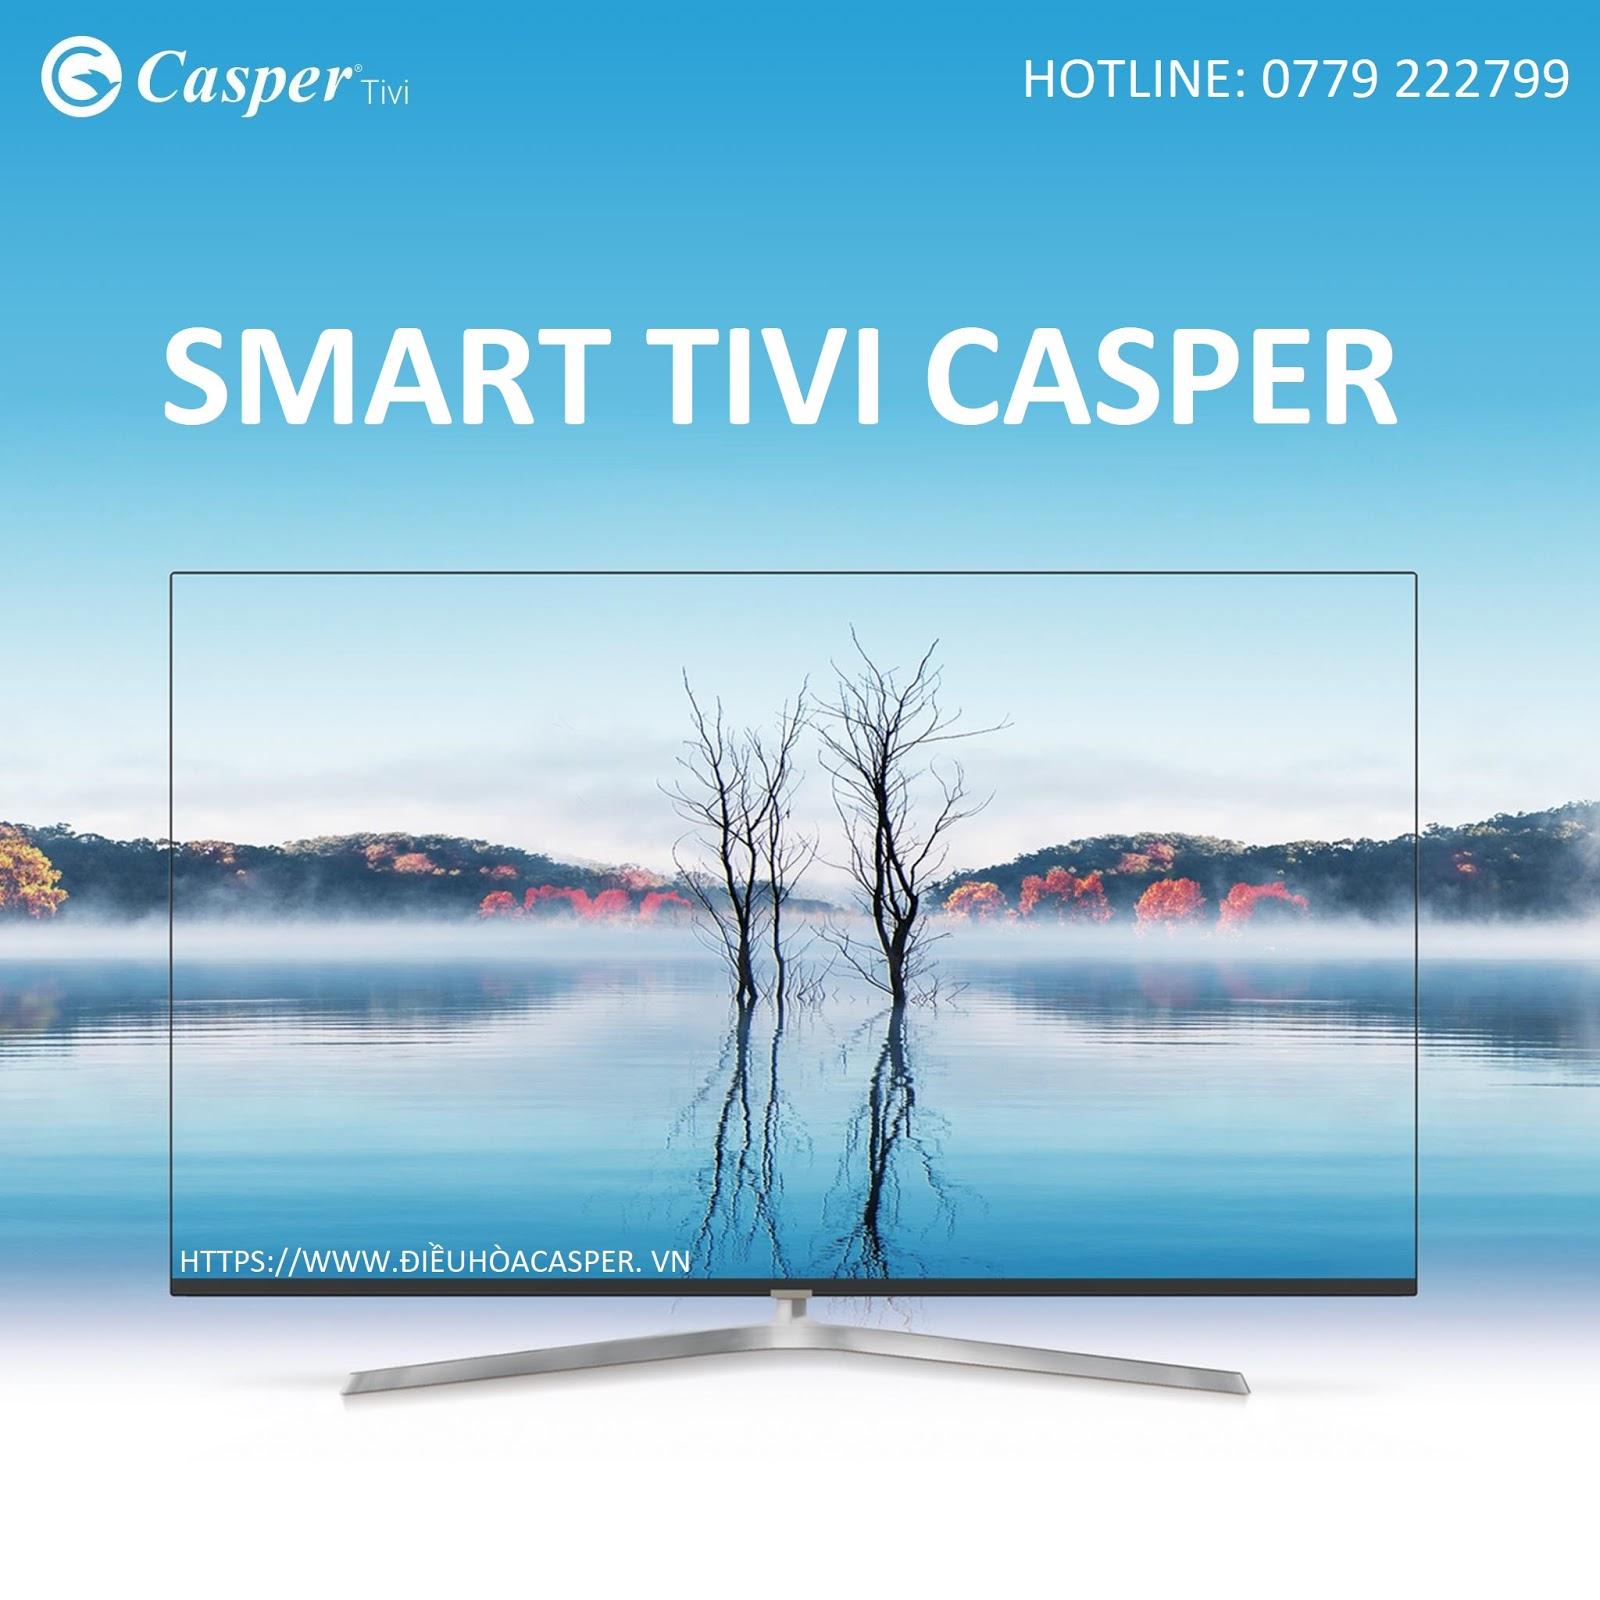 Smart Tivi Giá Rẻ 4K UHD FULL HD uy tín hàng đầu - Android Tivi Casper